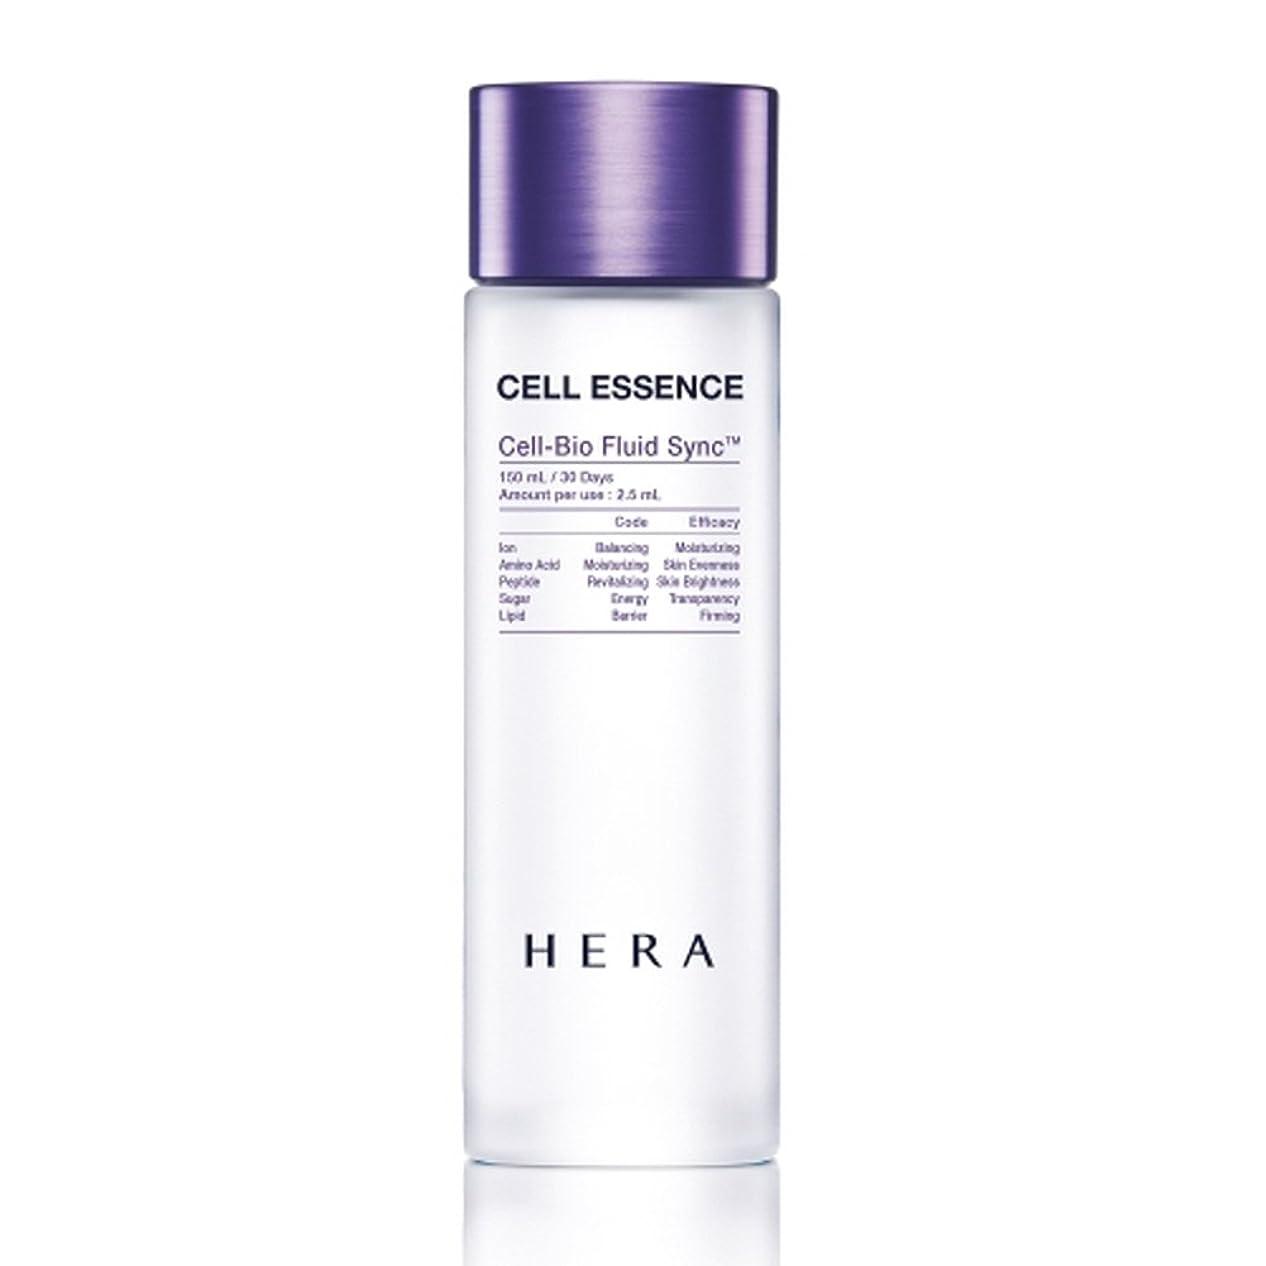 羽隙間崩壊[ヘラ/HERA]HERA CELL ESSENCE/ヘラ セル エッセンス 150ml【美容液】(海外直送品)